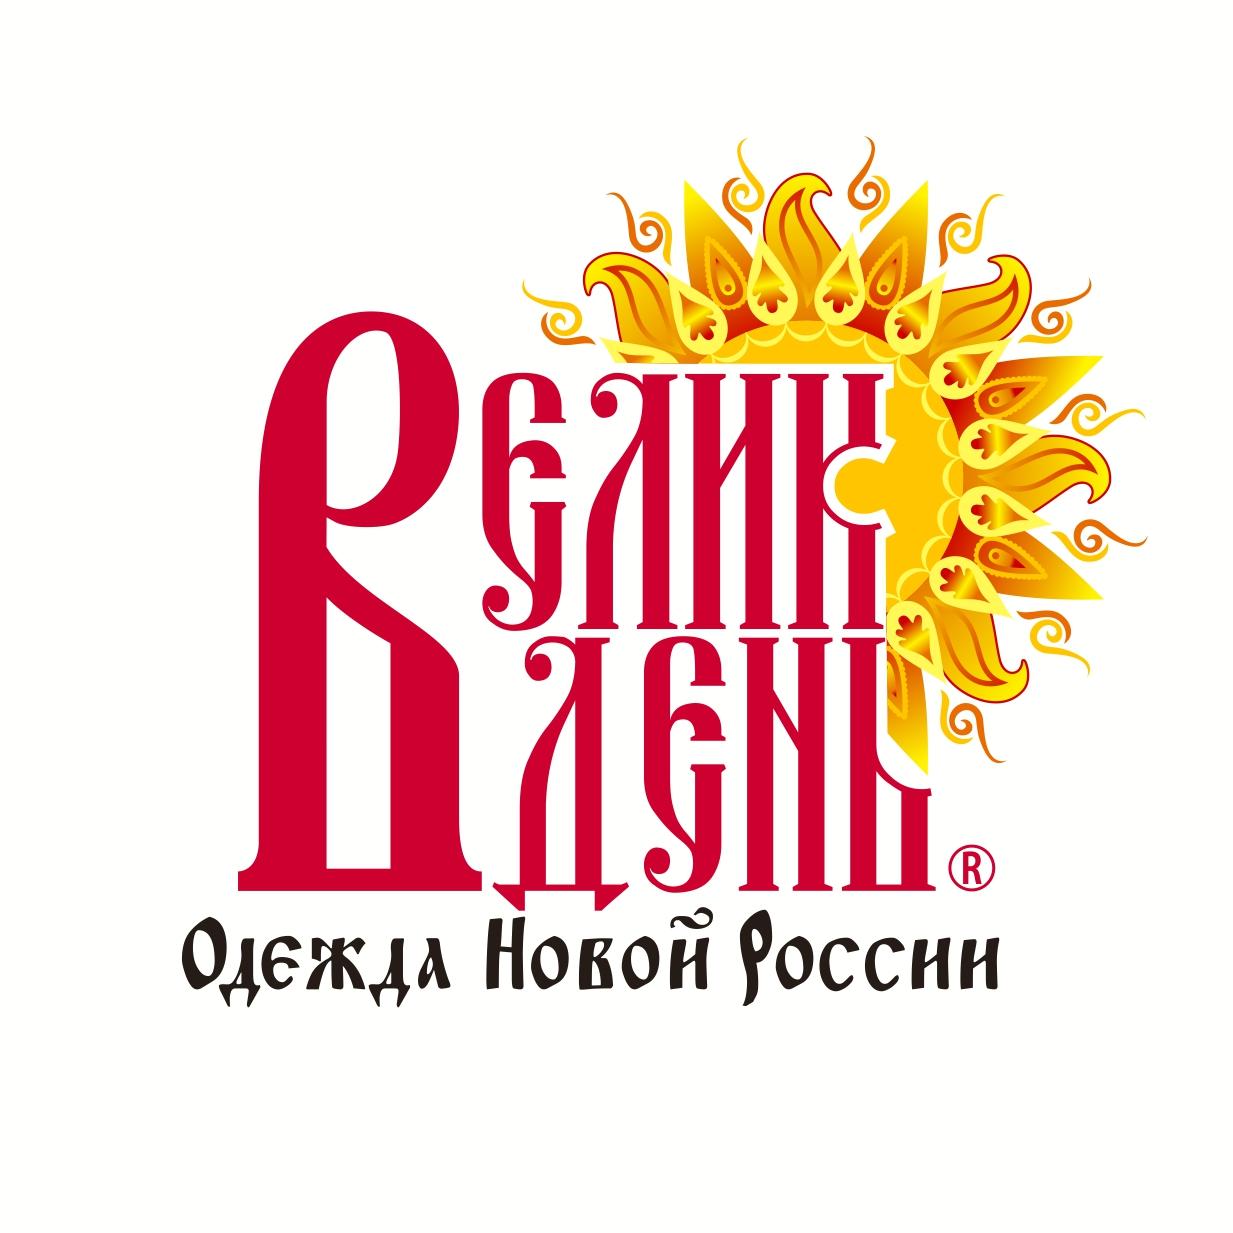 Индивидуальный предприниматель Тельтевский Андрей Александрович, ИНН 233709515521